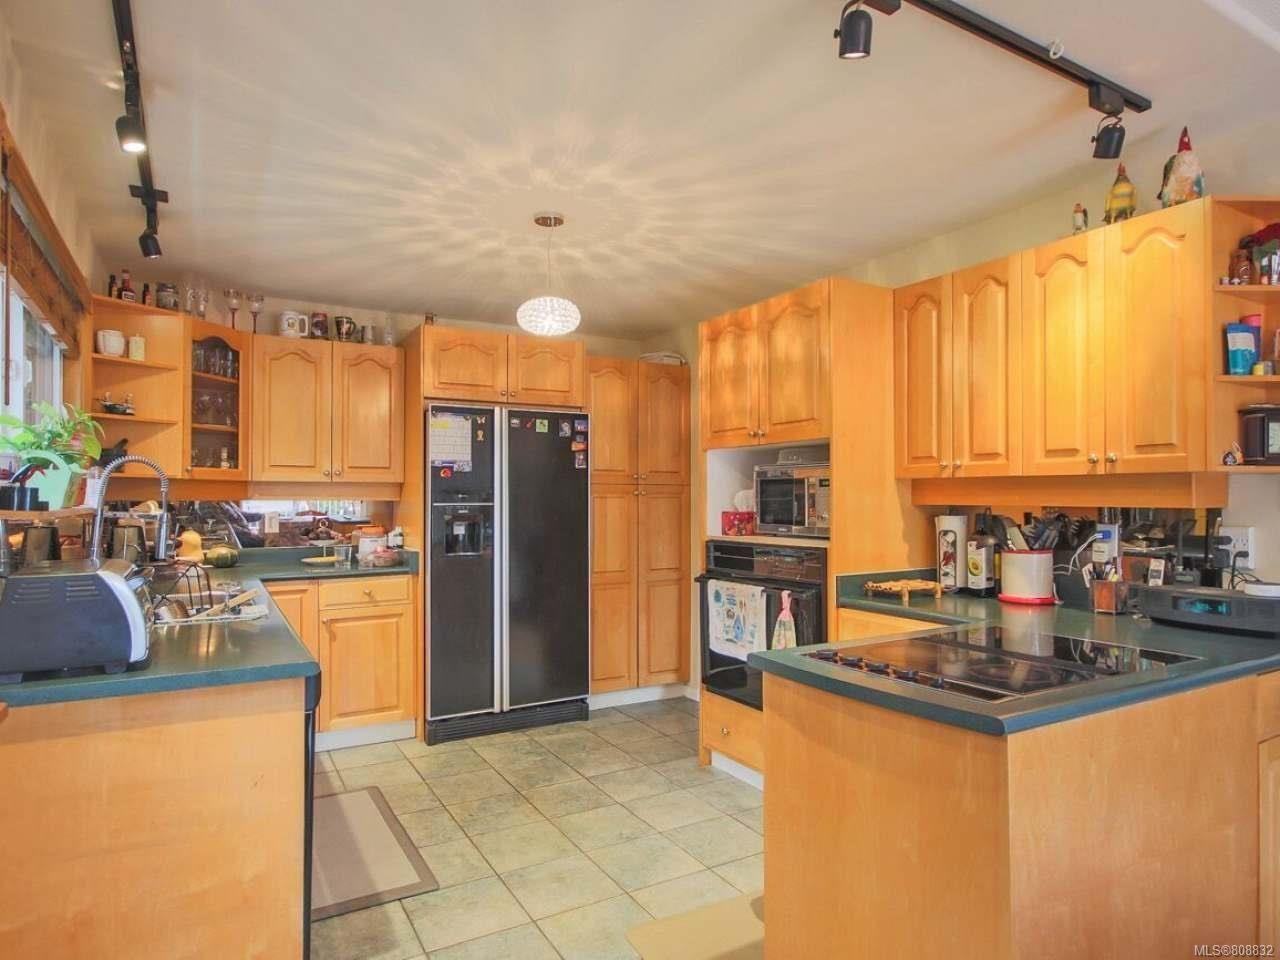 Photo 4: Photos: 5407 Lost Lake Rd in NANAIMO: Na North Nanaimo House for sale (Nanaimo)  : MLS®# 808832